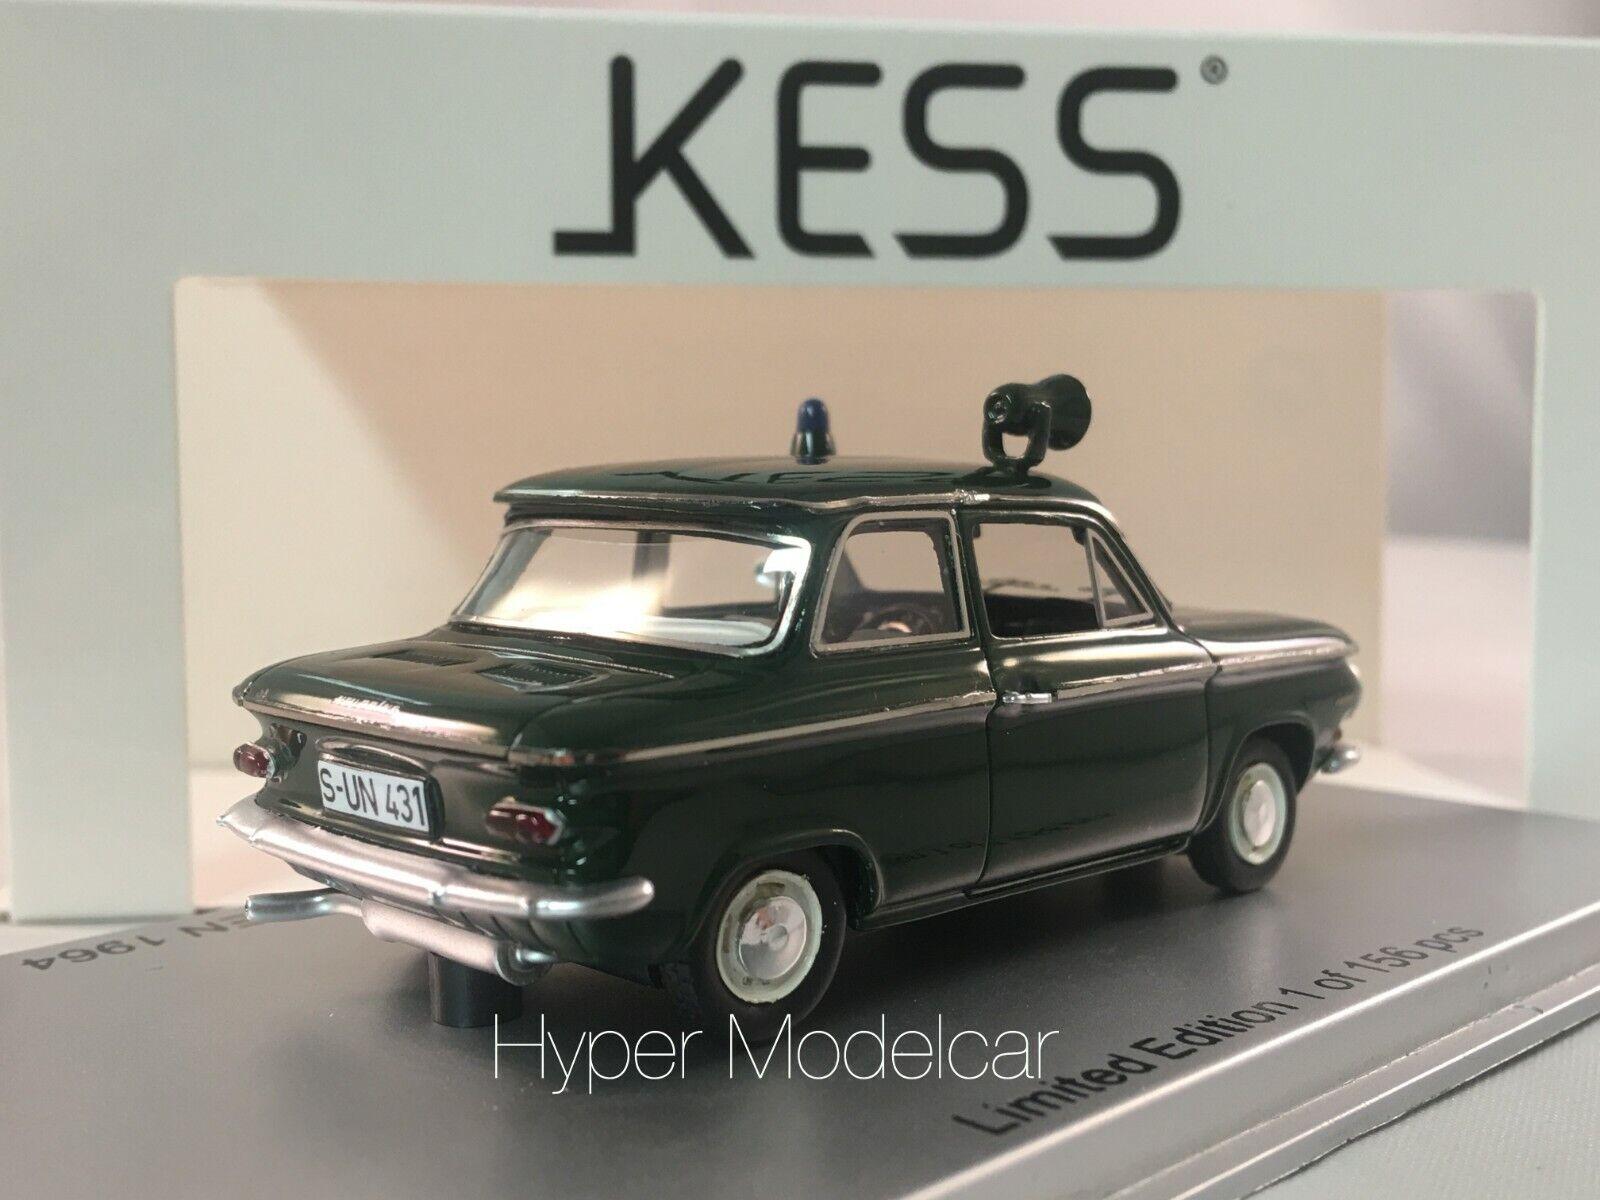 KESS MODEL 1 43 NSU PRINZ 4 4 4 POLIZEI STREIFENWAGEN 1964 ART. KE43023001 34dfb1